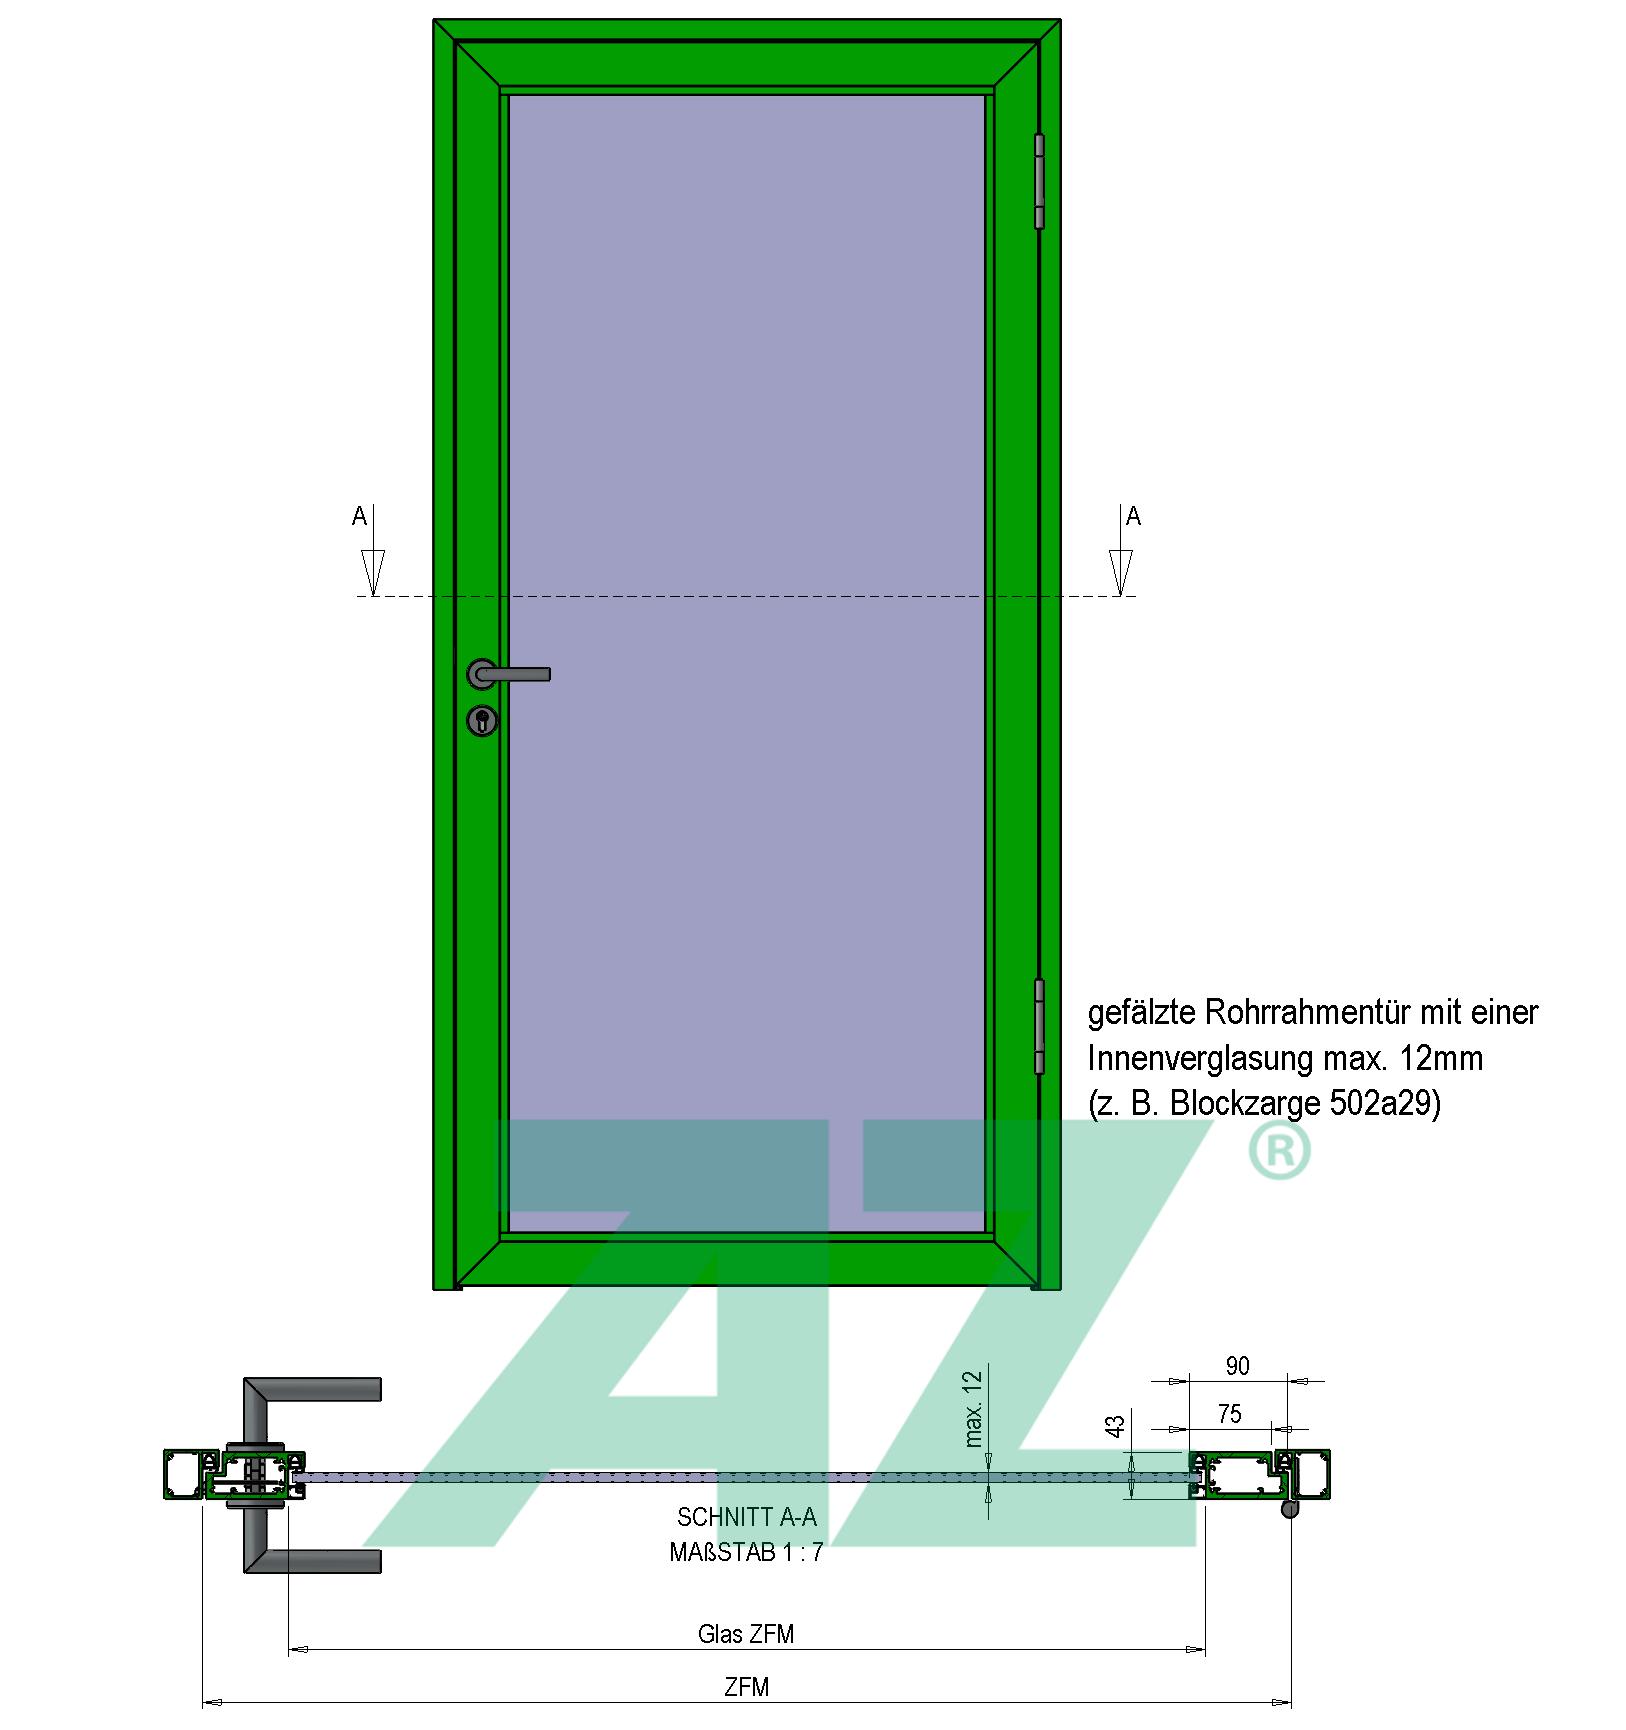 Aufbau RR716a29-TB43